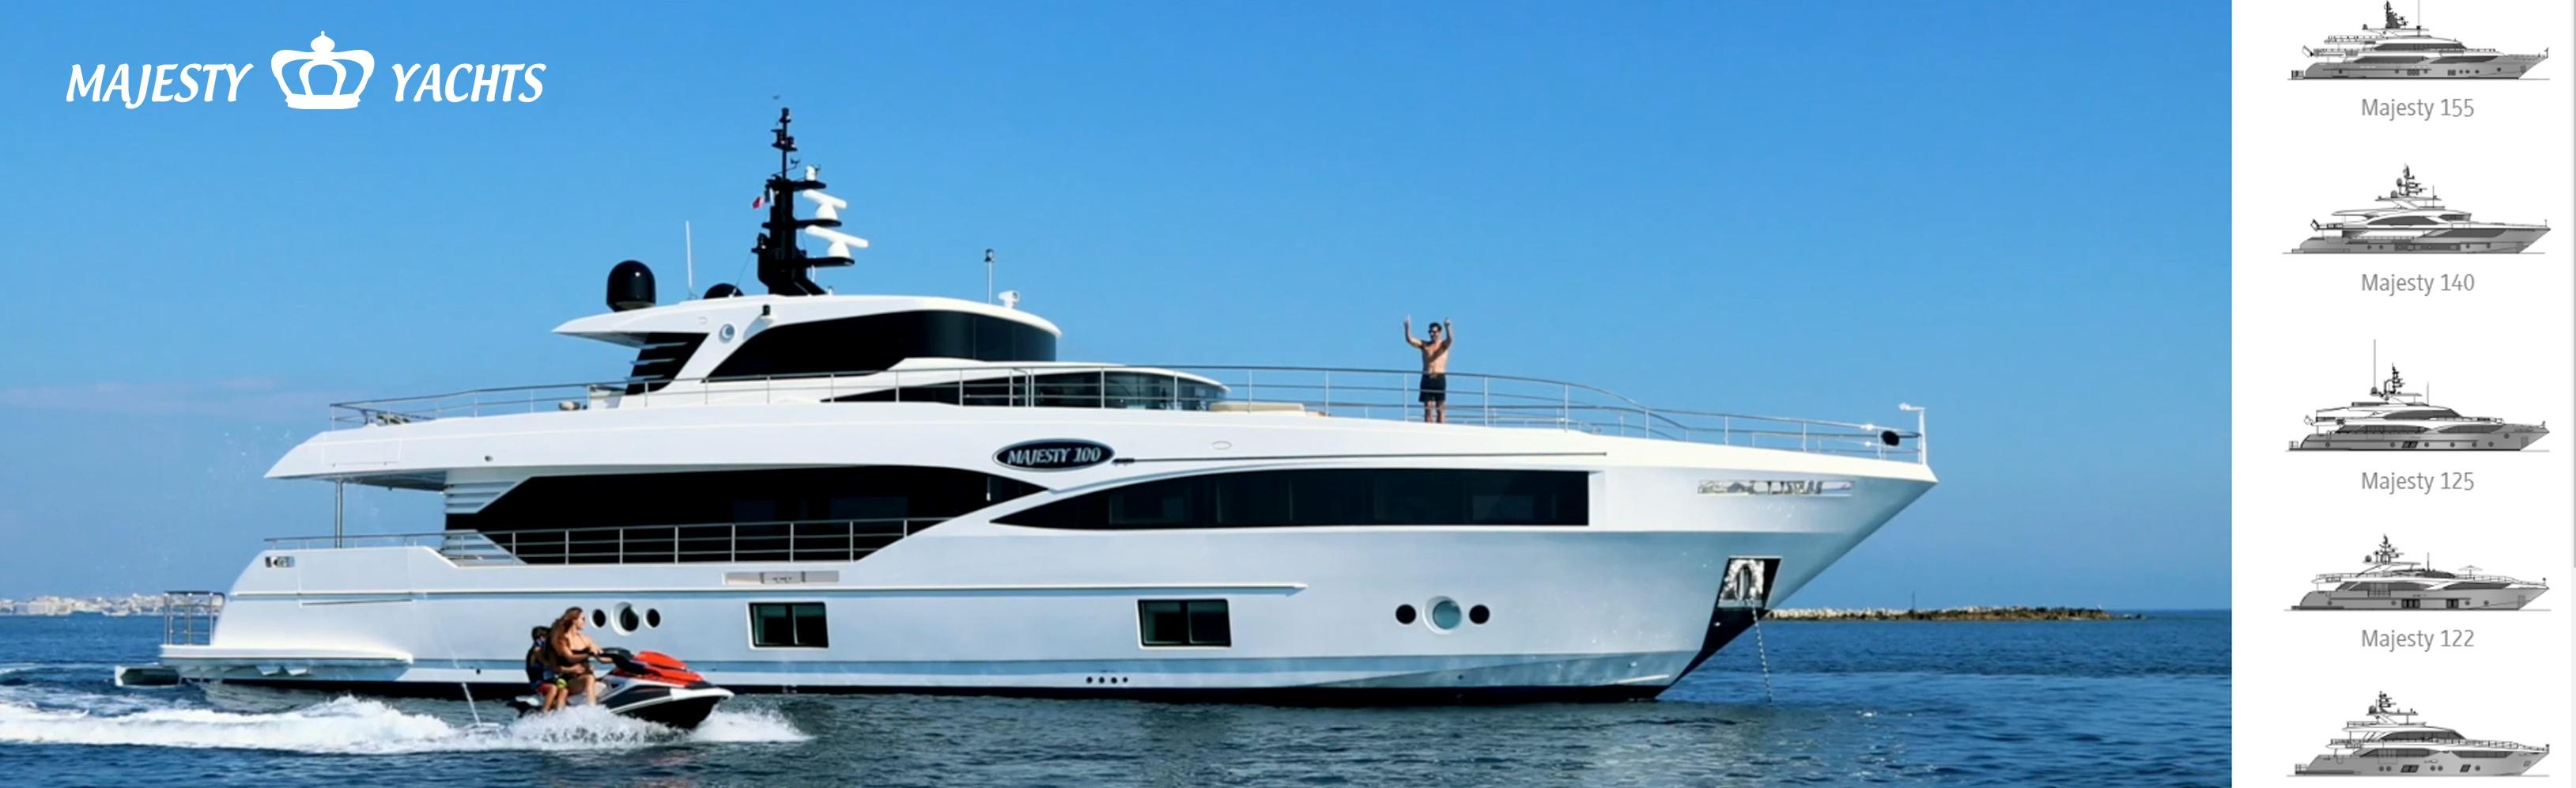 Majesty-Yachts-website